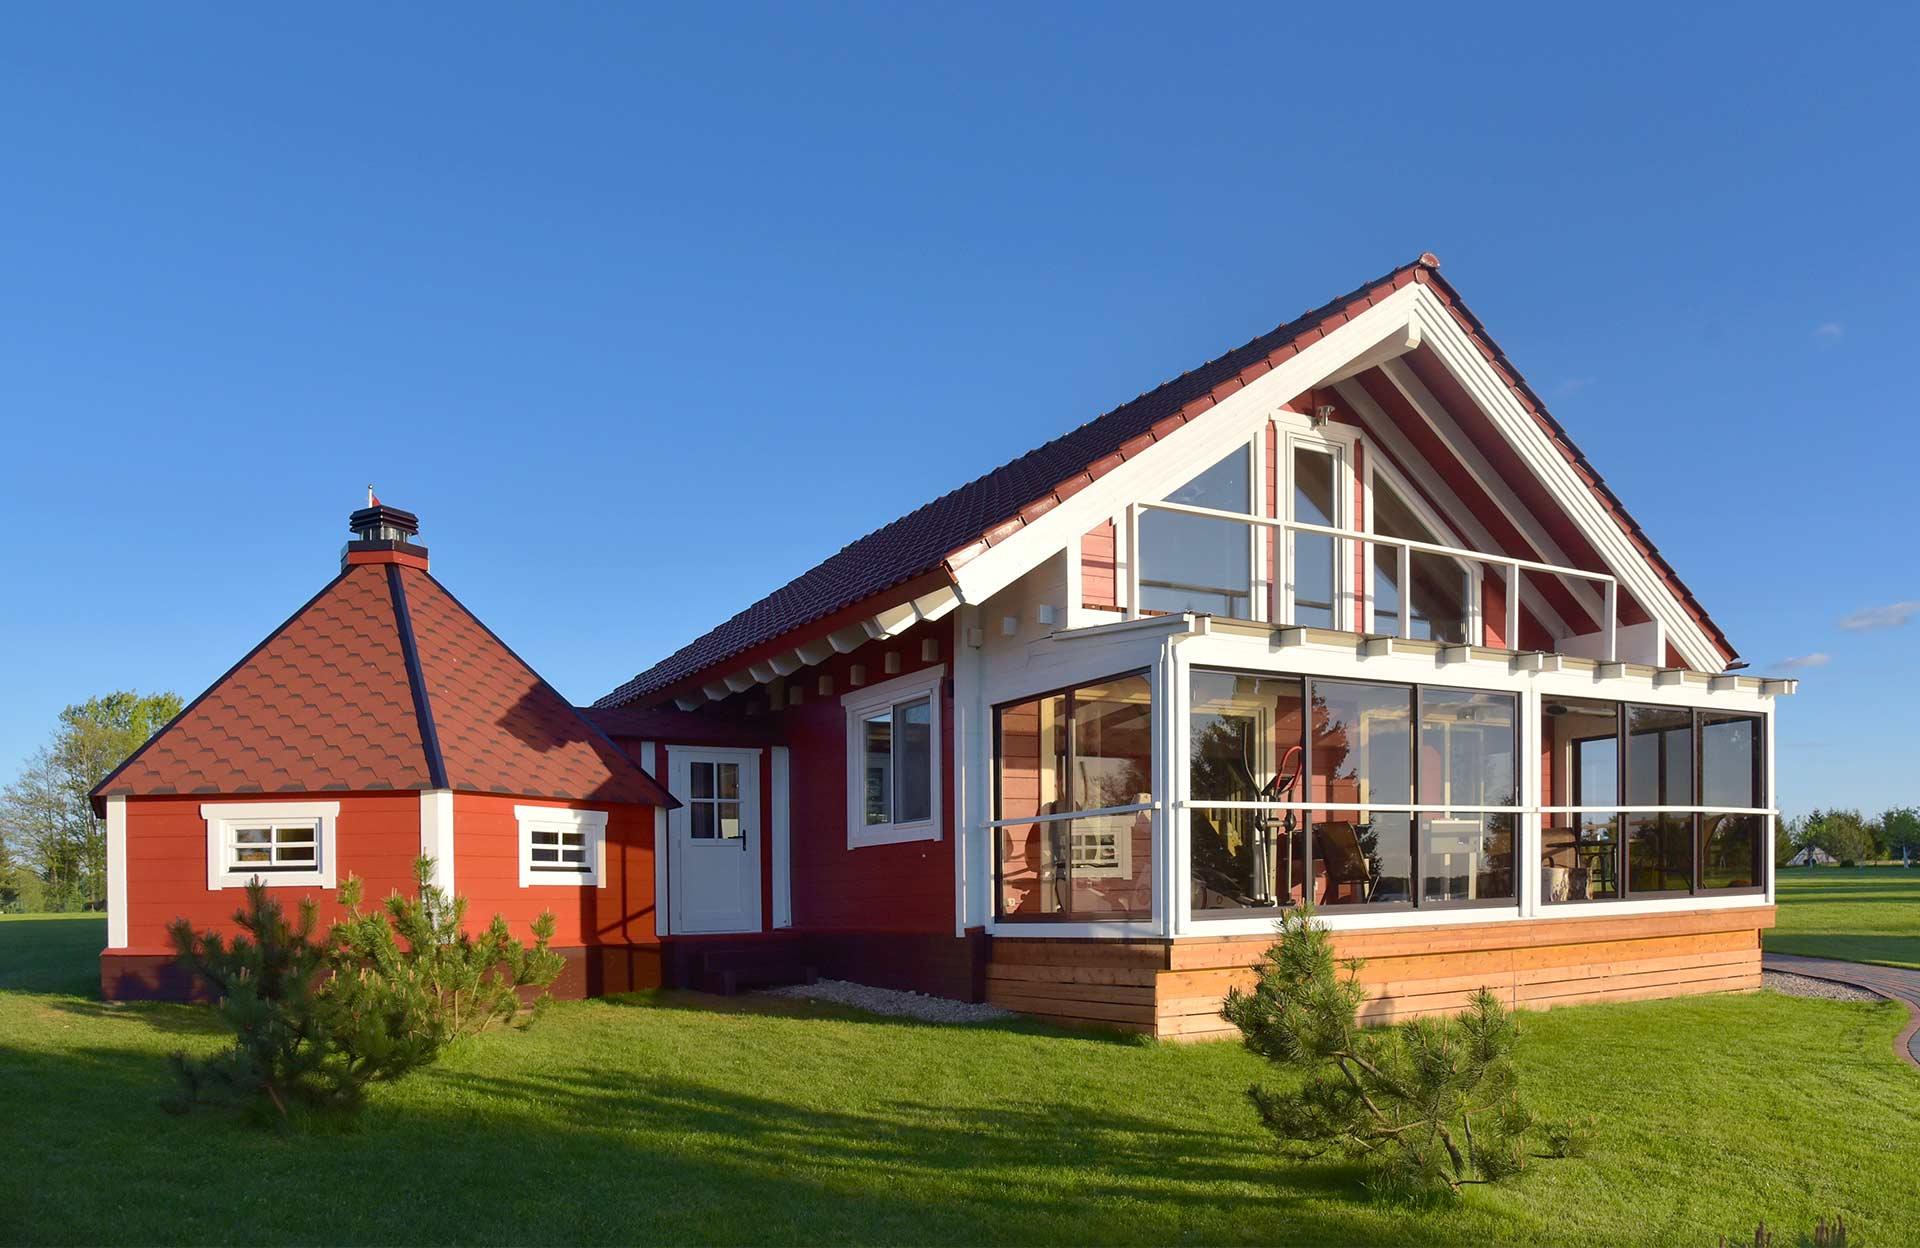 Ferienhauser Ferienhaus Aus Holz Hochwertige Ferienhaus Kaufen